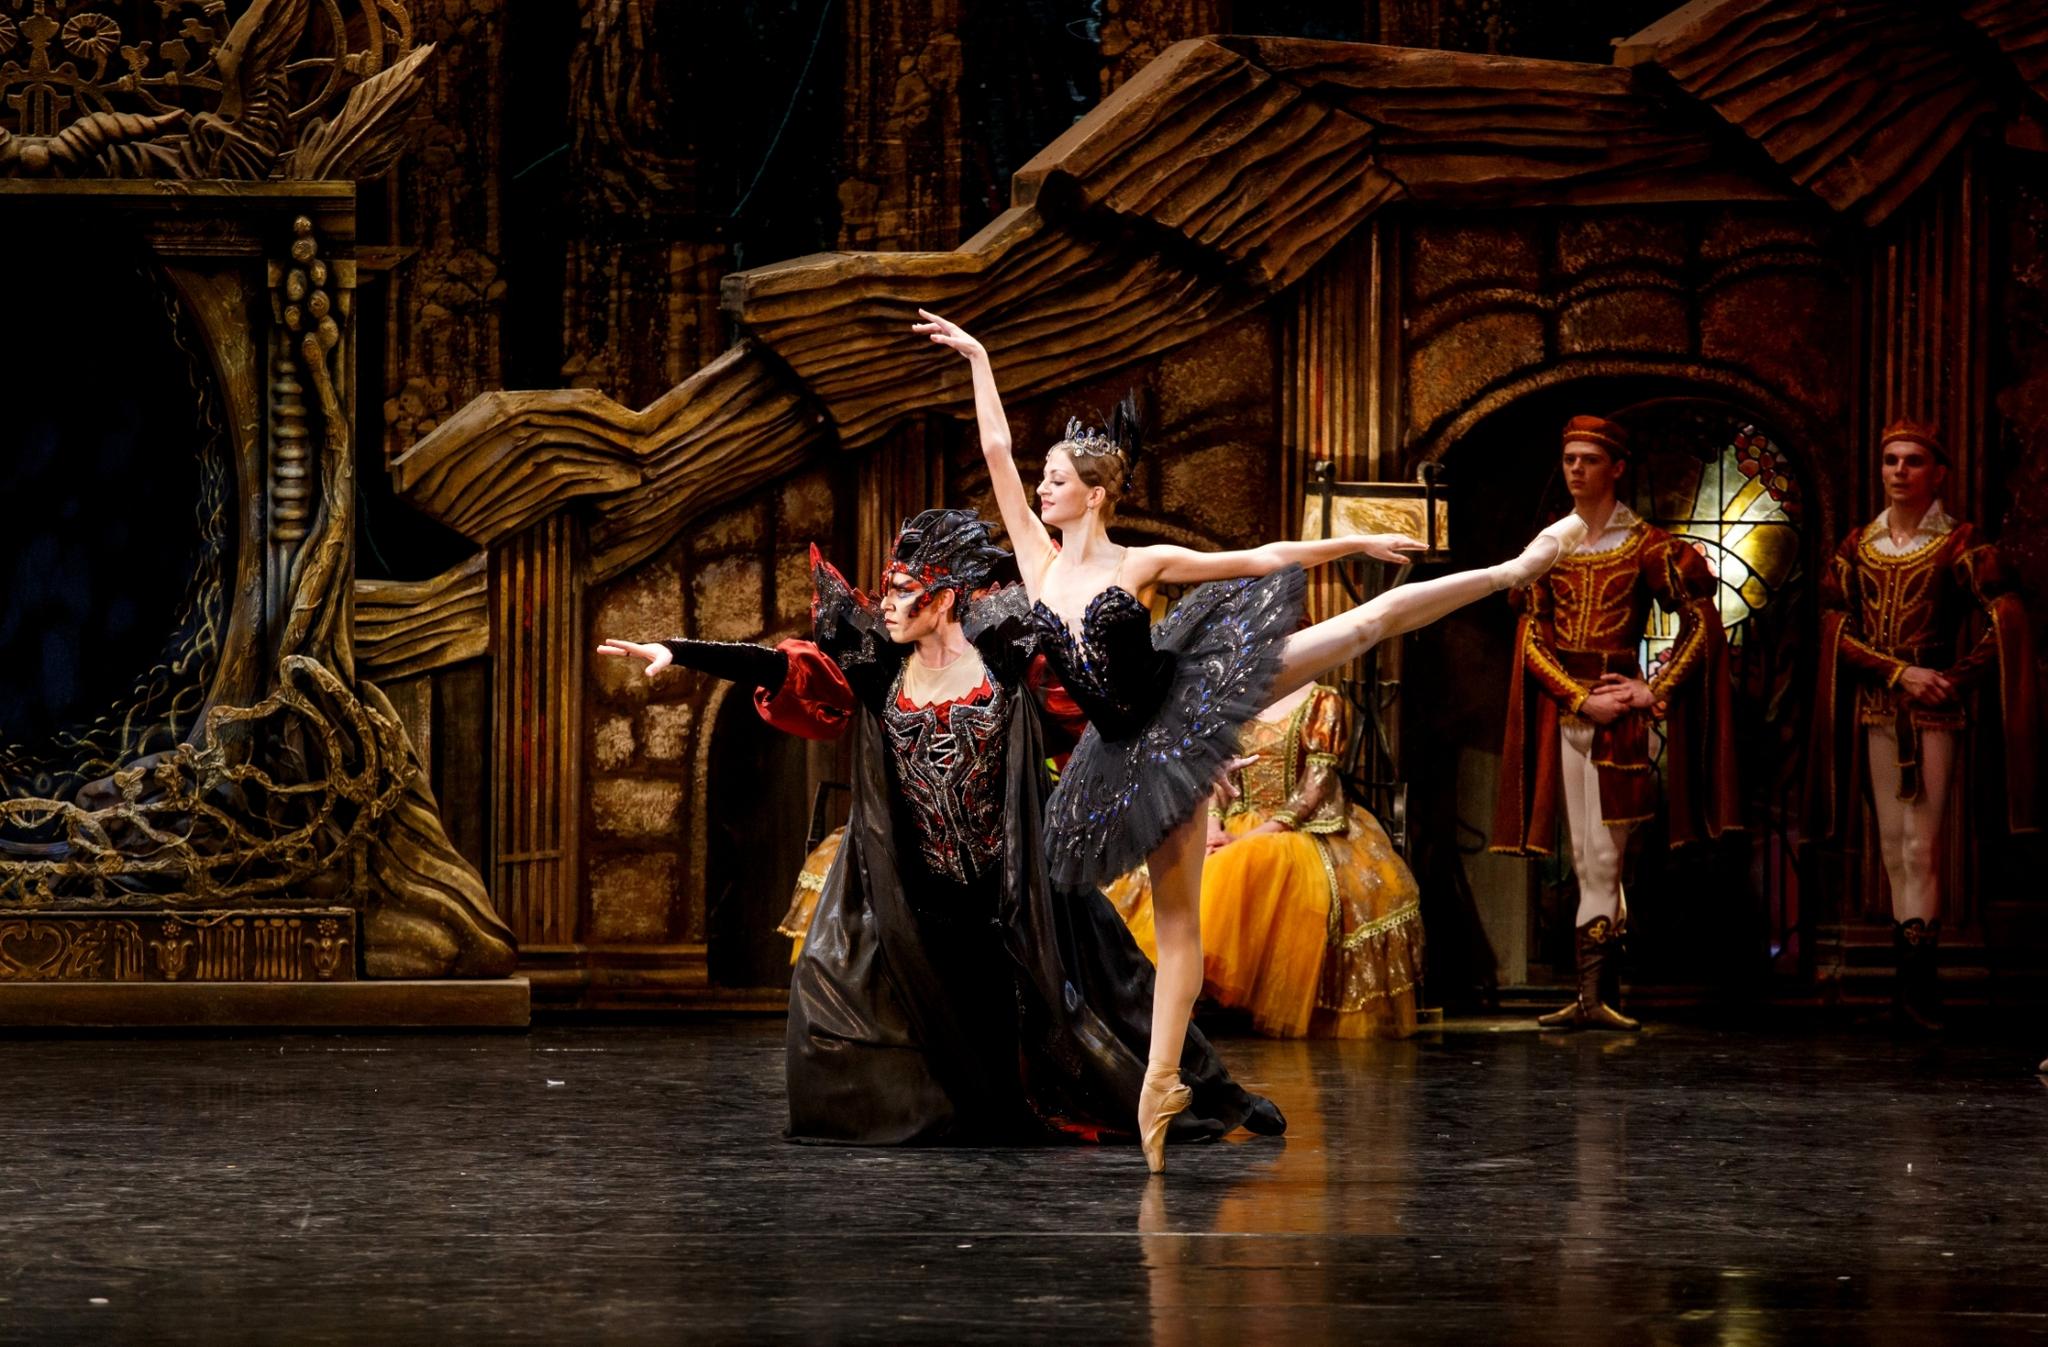 Афиша театра оперы и балета казань на март юсуповский дворец купить билеты в театр